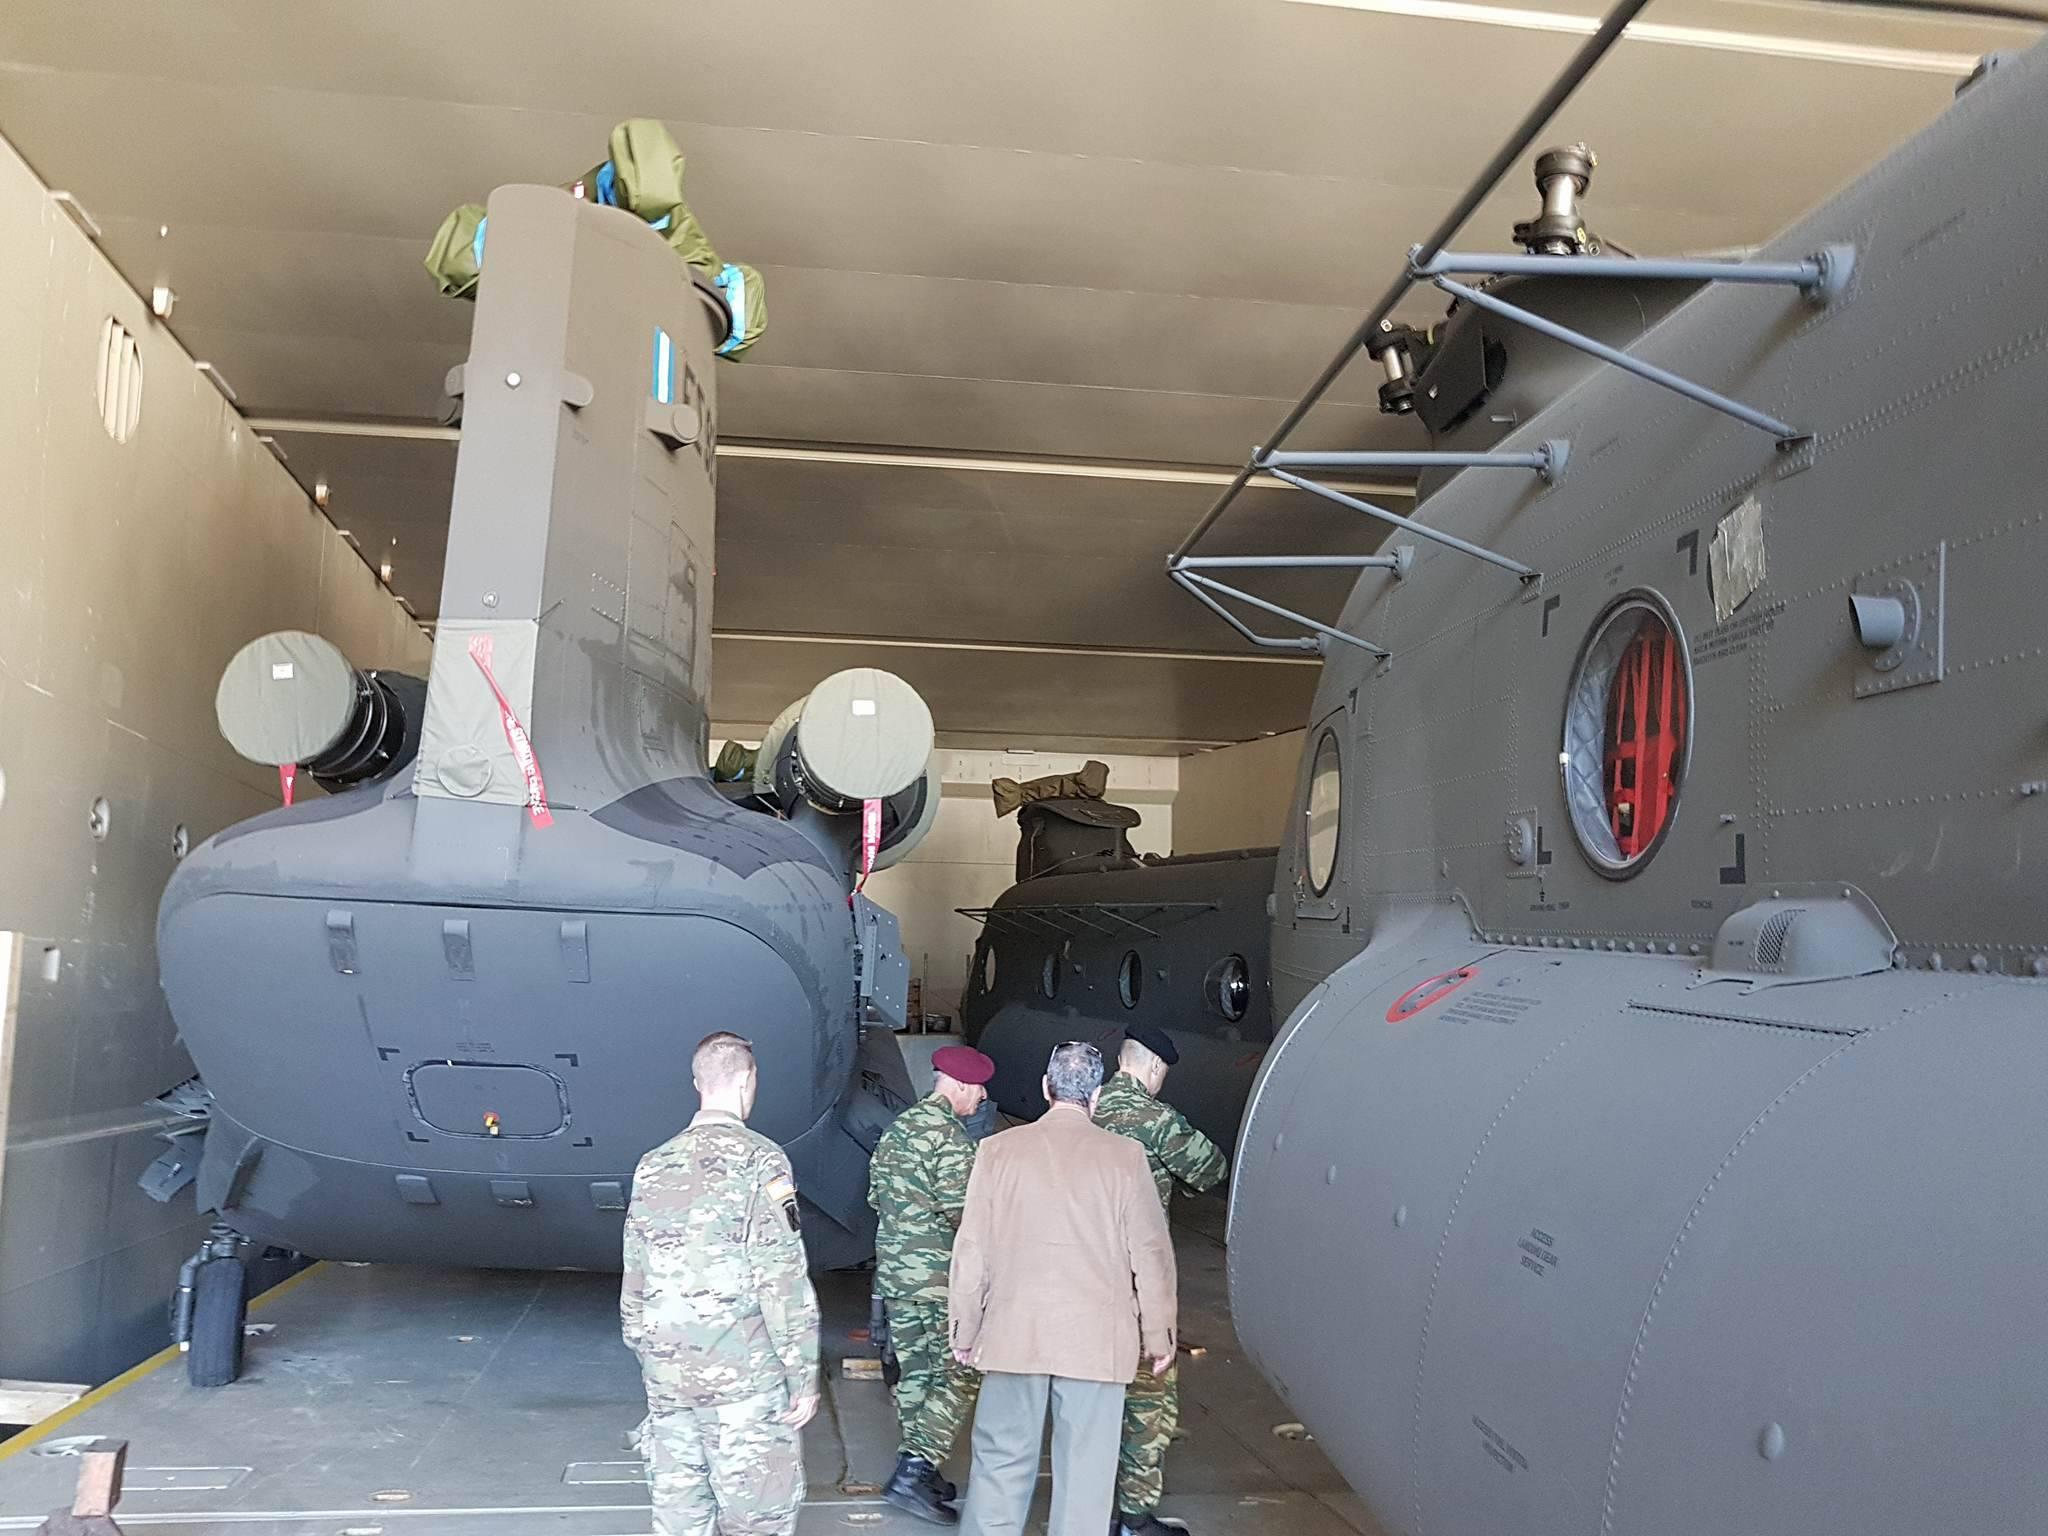 ΗΠΑ σε Ελλάδα: «Επανεξοπλισμός εδώ και τώρα, μην χάνετε χρόνο» – Εφτασαν τα πρώτα CH-47D Chinook – Ακολουθούν OH-58D Kiowa Warrior - Εικόνα7